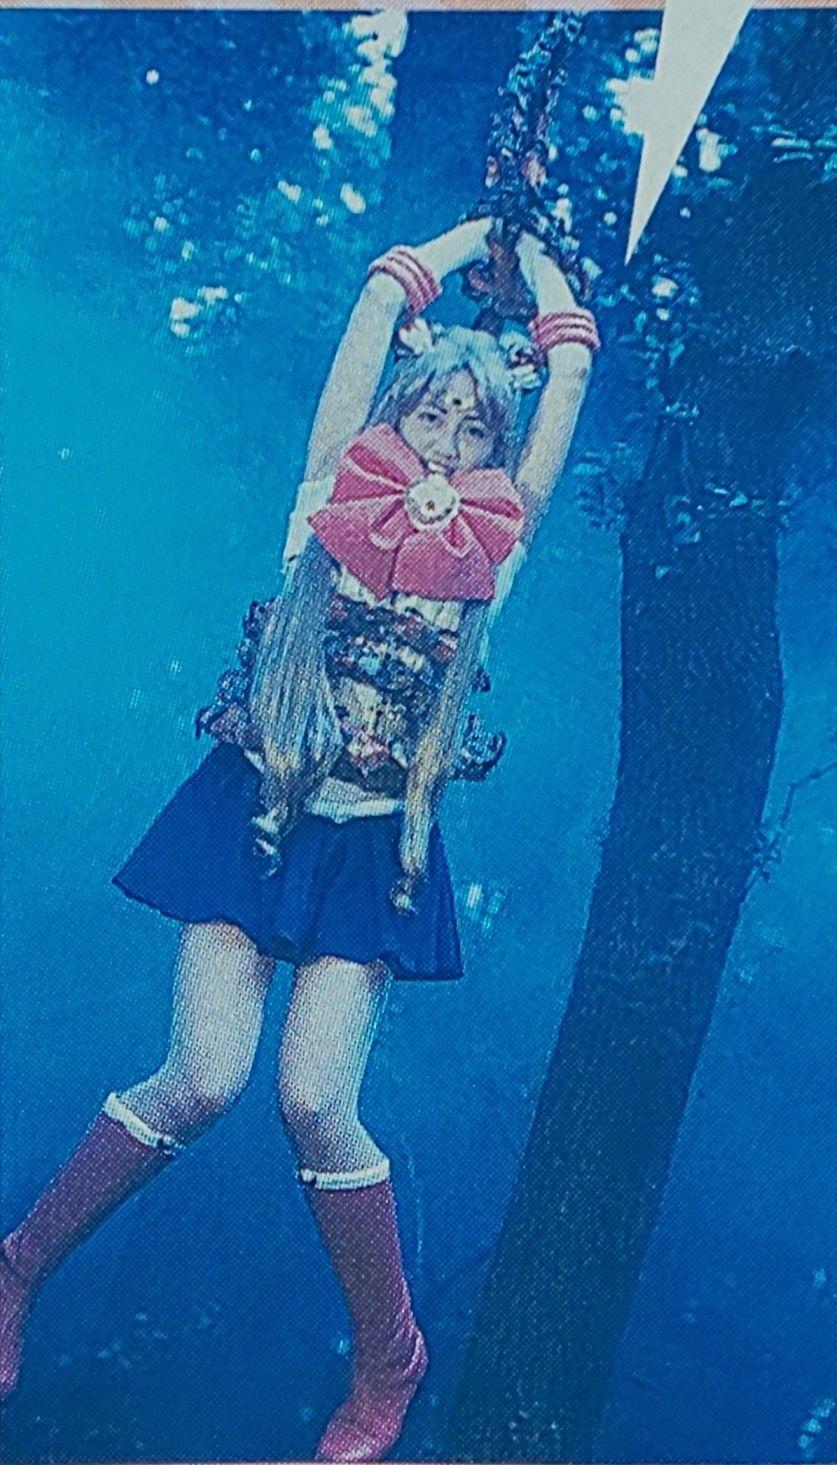 妖魔に拘束されて吊るされたセーラームーンが最高に可愛い ...